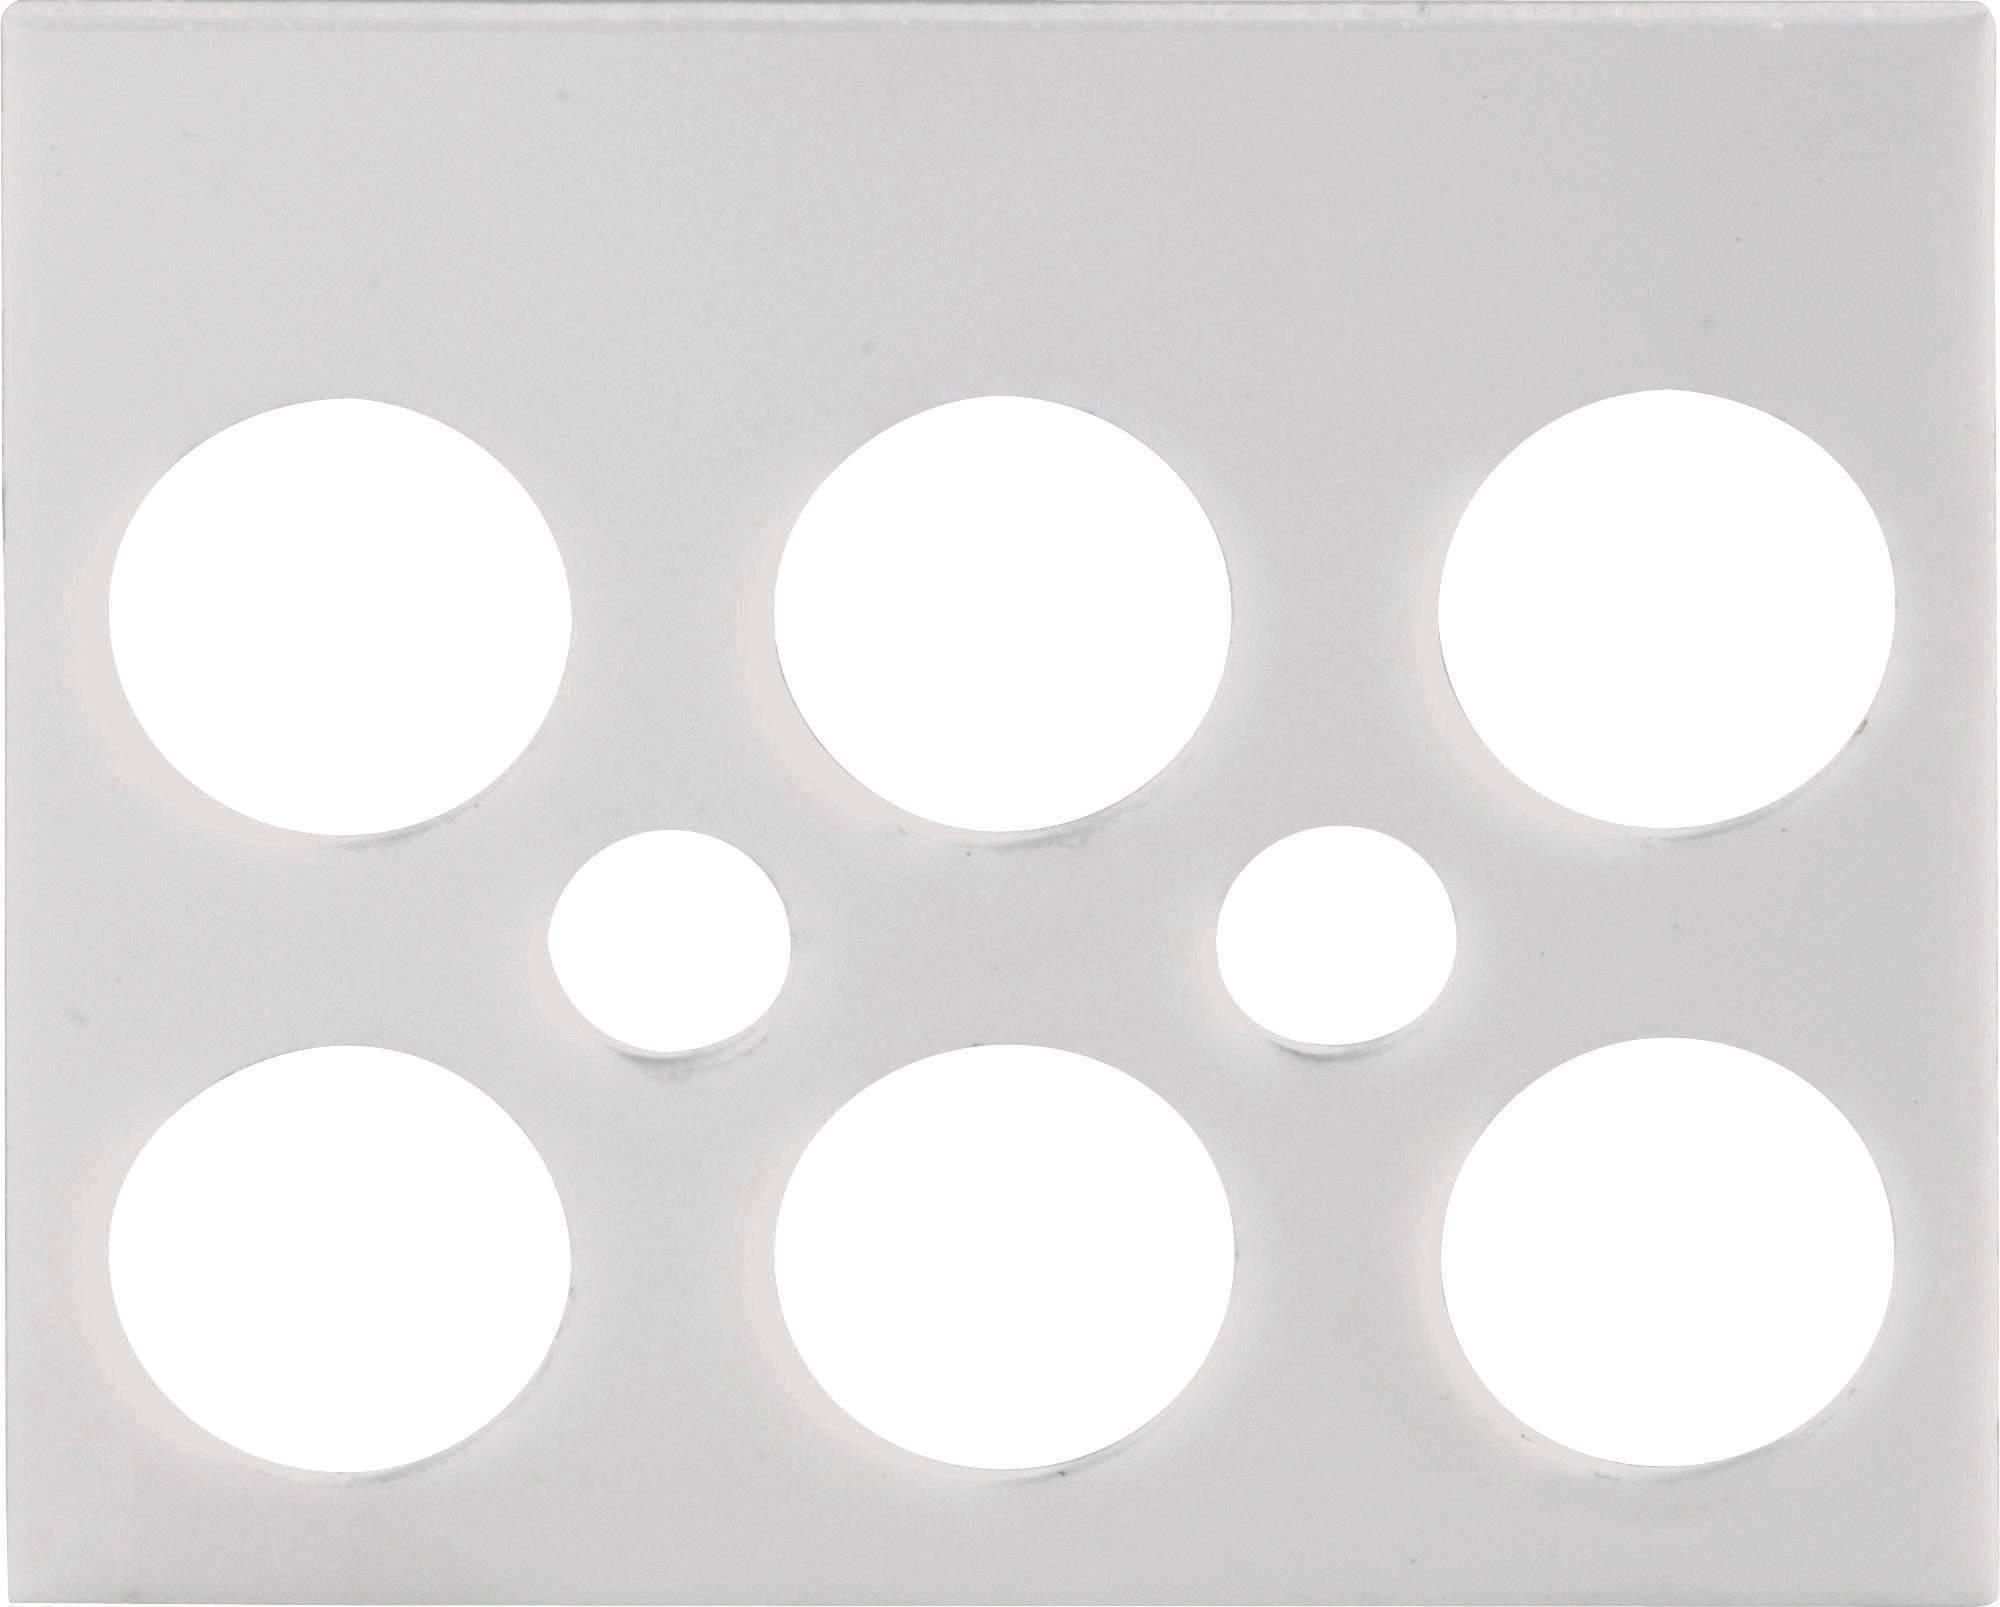 Označovací štítok Adels-Contact 191312 na 12-pólové svorky série AC 500